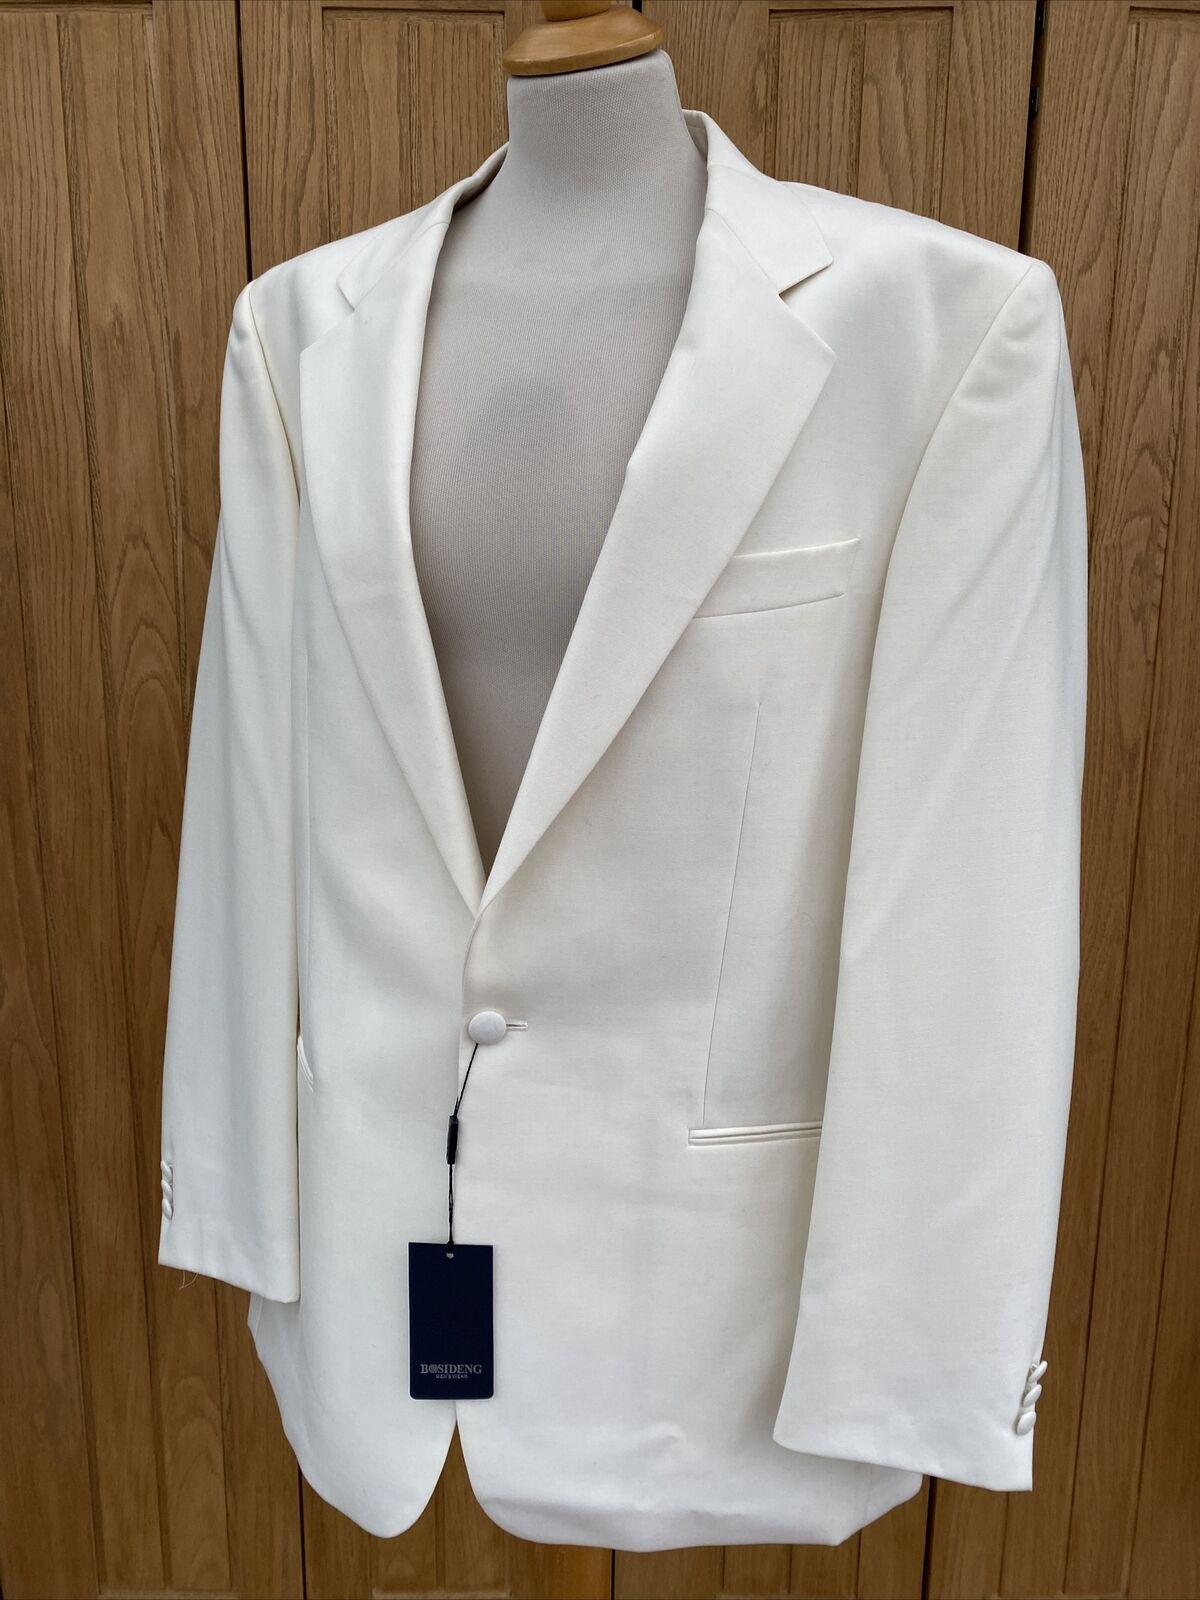 Men's BOSIDENG Brook Ivory Wool White Tuxedo DINNER JACKET Size 42' Chest -NEW